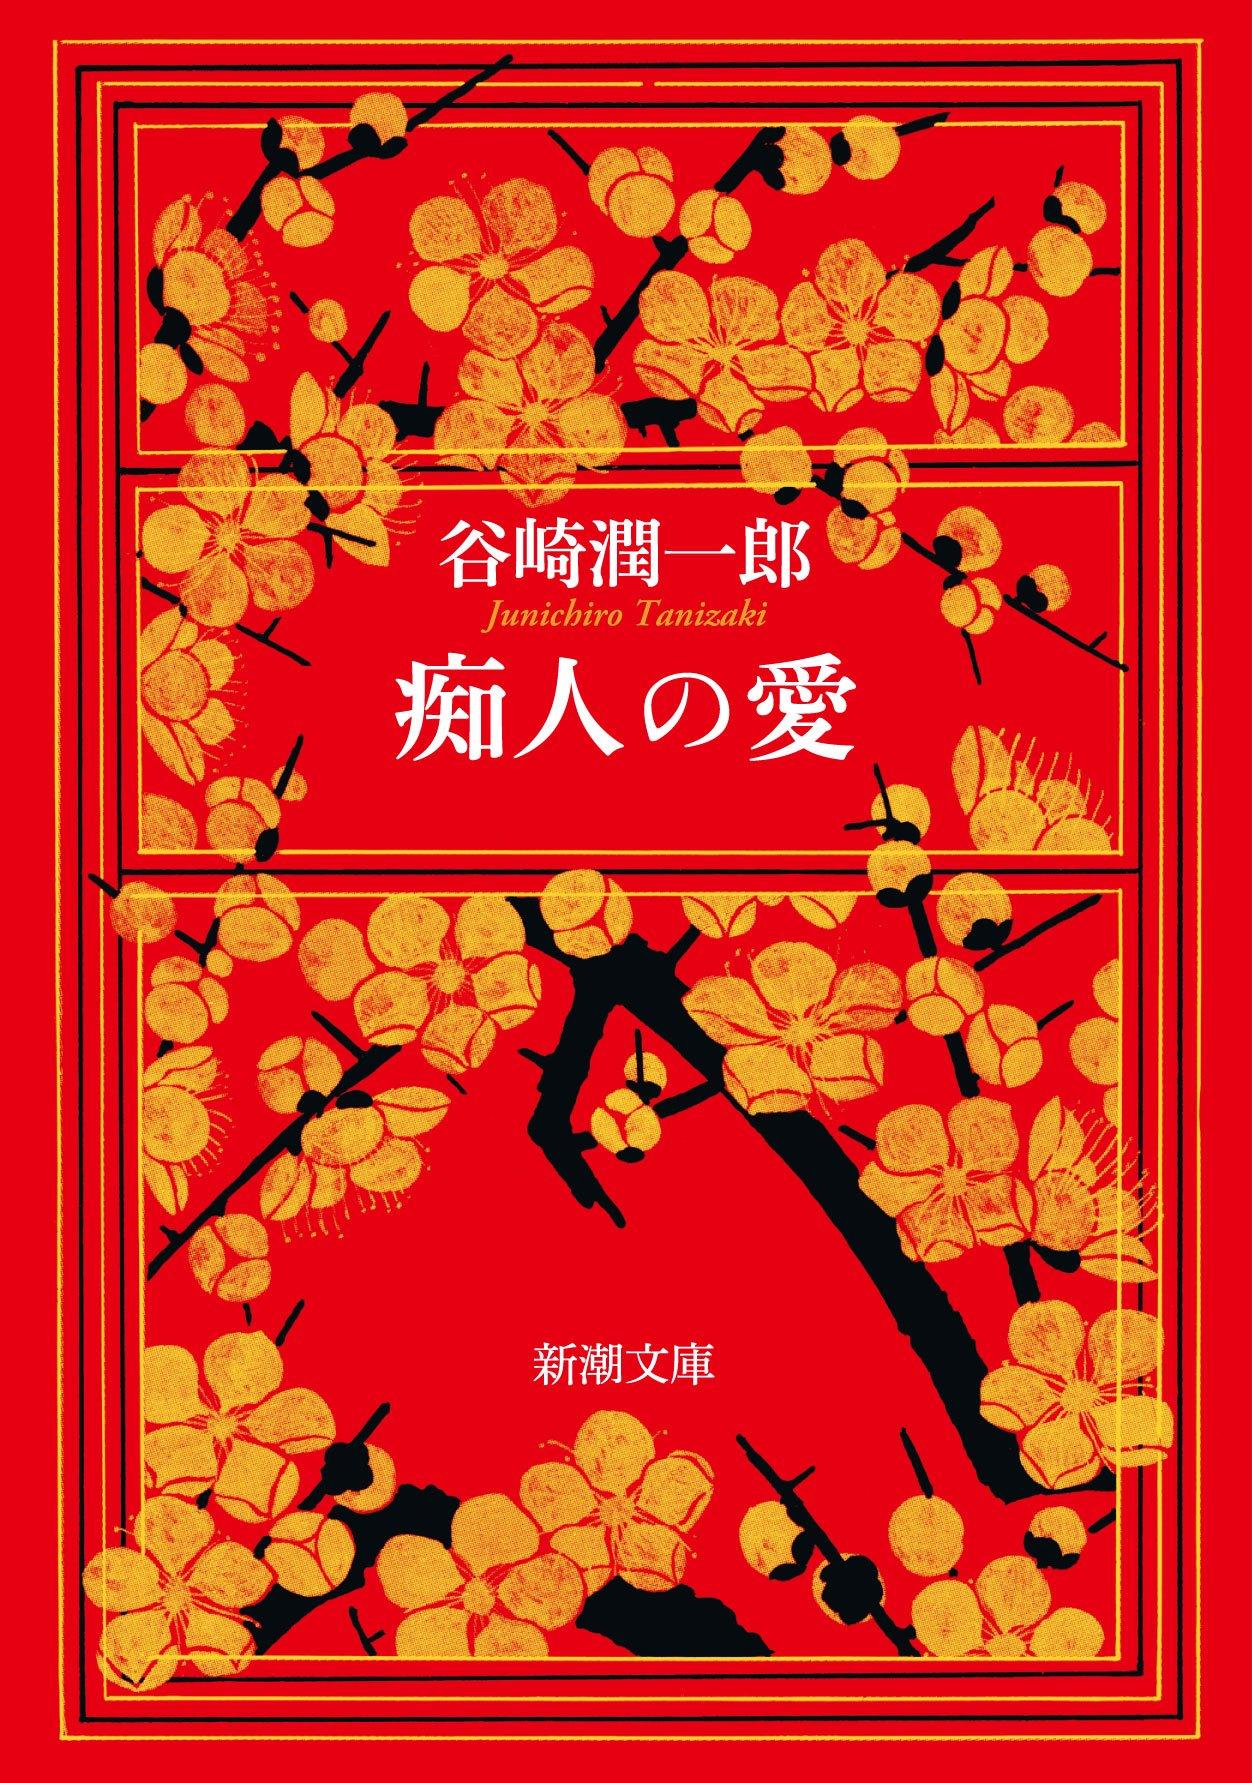 谷崎潤一郎(1886年7月24日生~1965年7月30日没、小説家) | hideakim ...